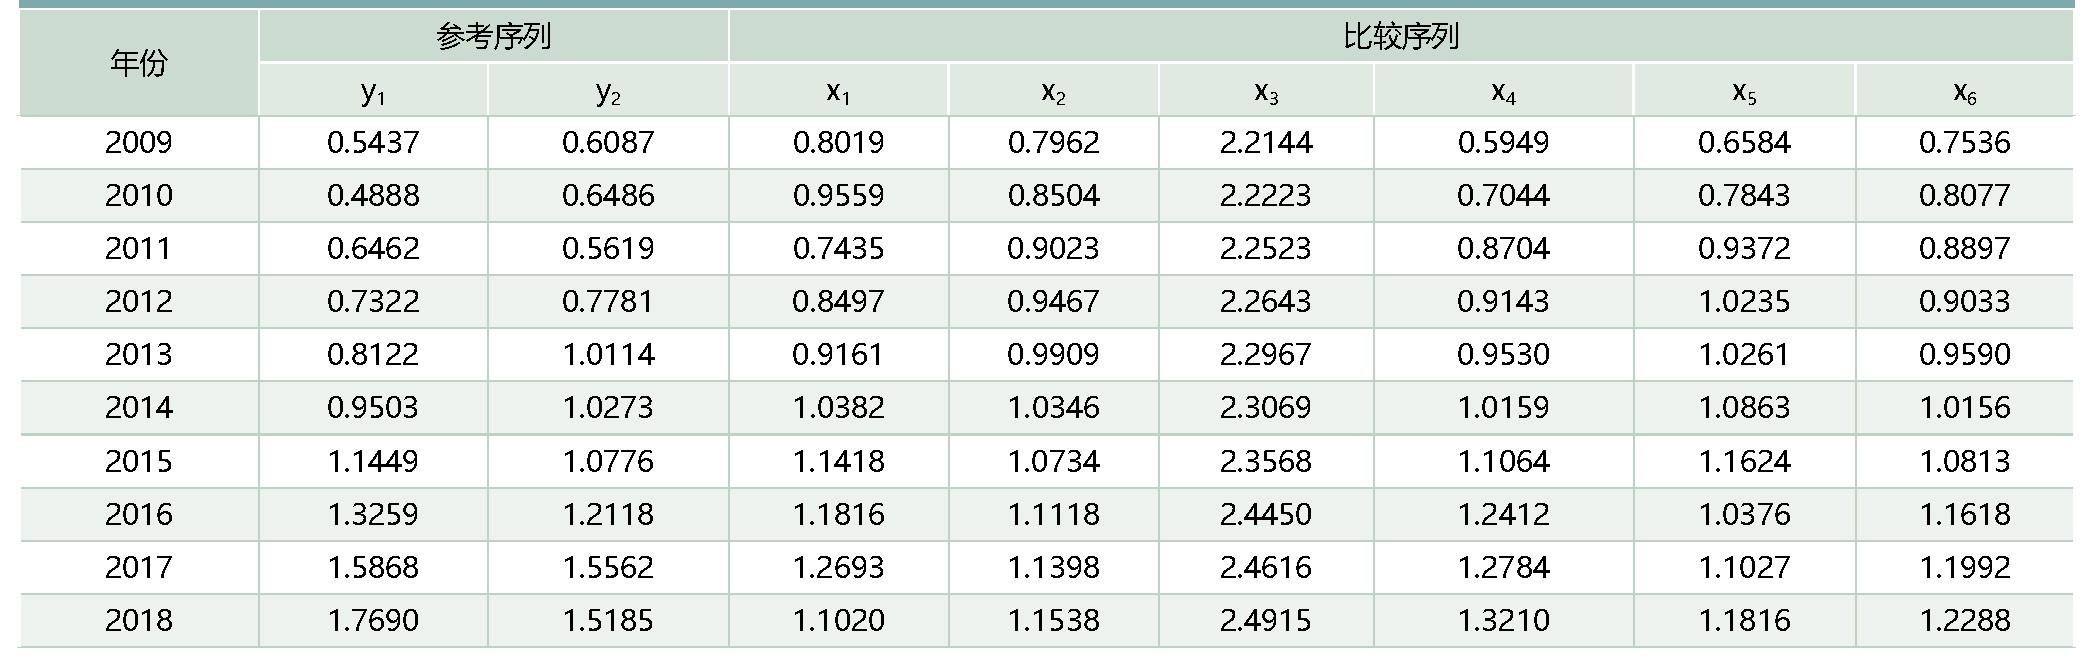 表3:均值化处理后的数据